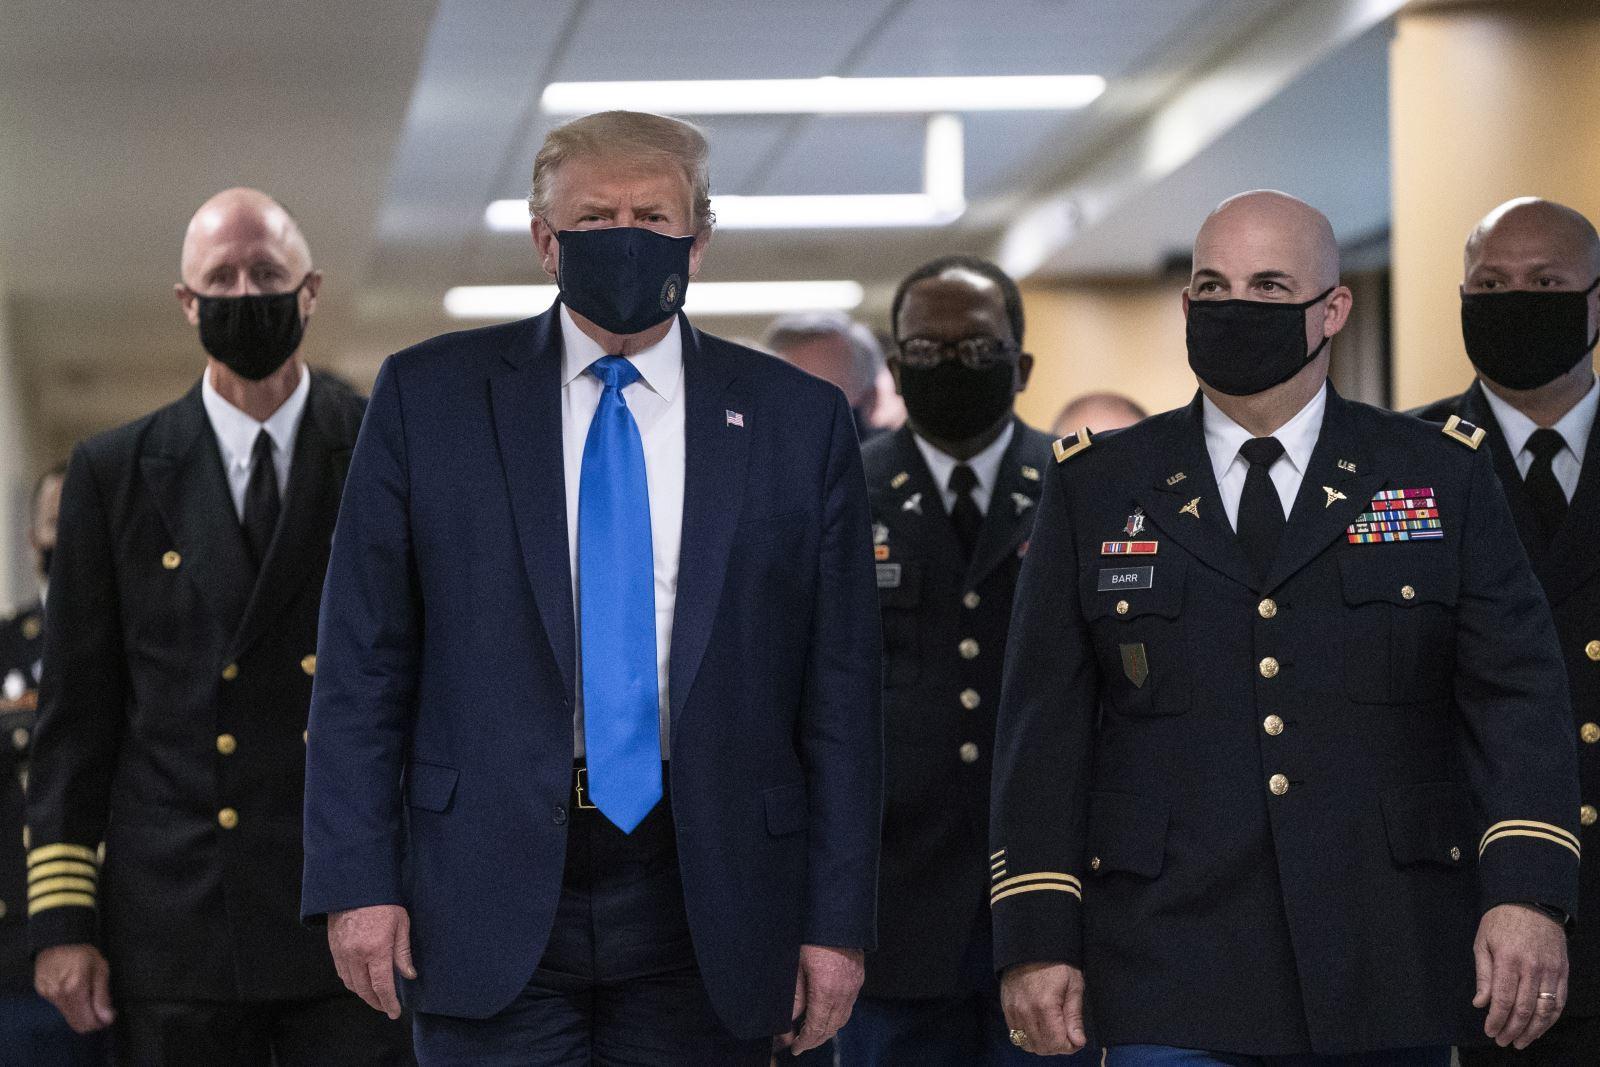 """Tổng thống Mỹ Donald Trump (trái, hàng đầu) nhấn mạnh: """"Tôi nghĩ đeo khẩu trang là điều cần thiết, nhất là khi nói chuyện với nhiều binh sĩ tại bệnh viện, trong đó một số trường hợp vừa rời khỏi bàn mổ"""". Ảnh: AFP/TTXVN"""